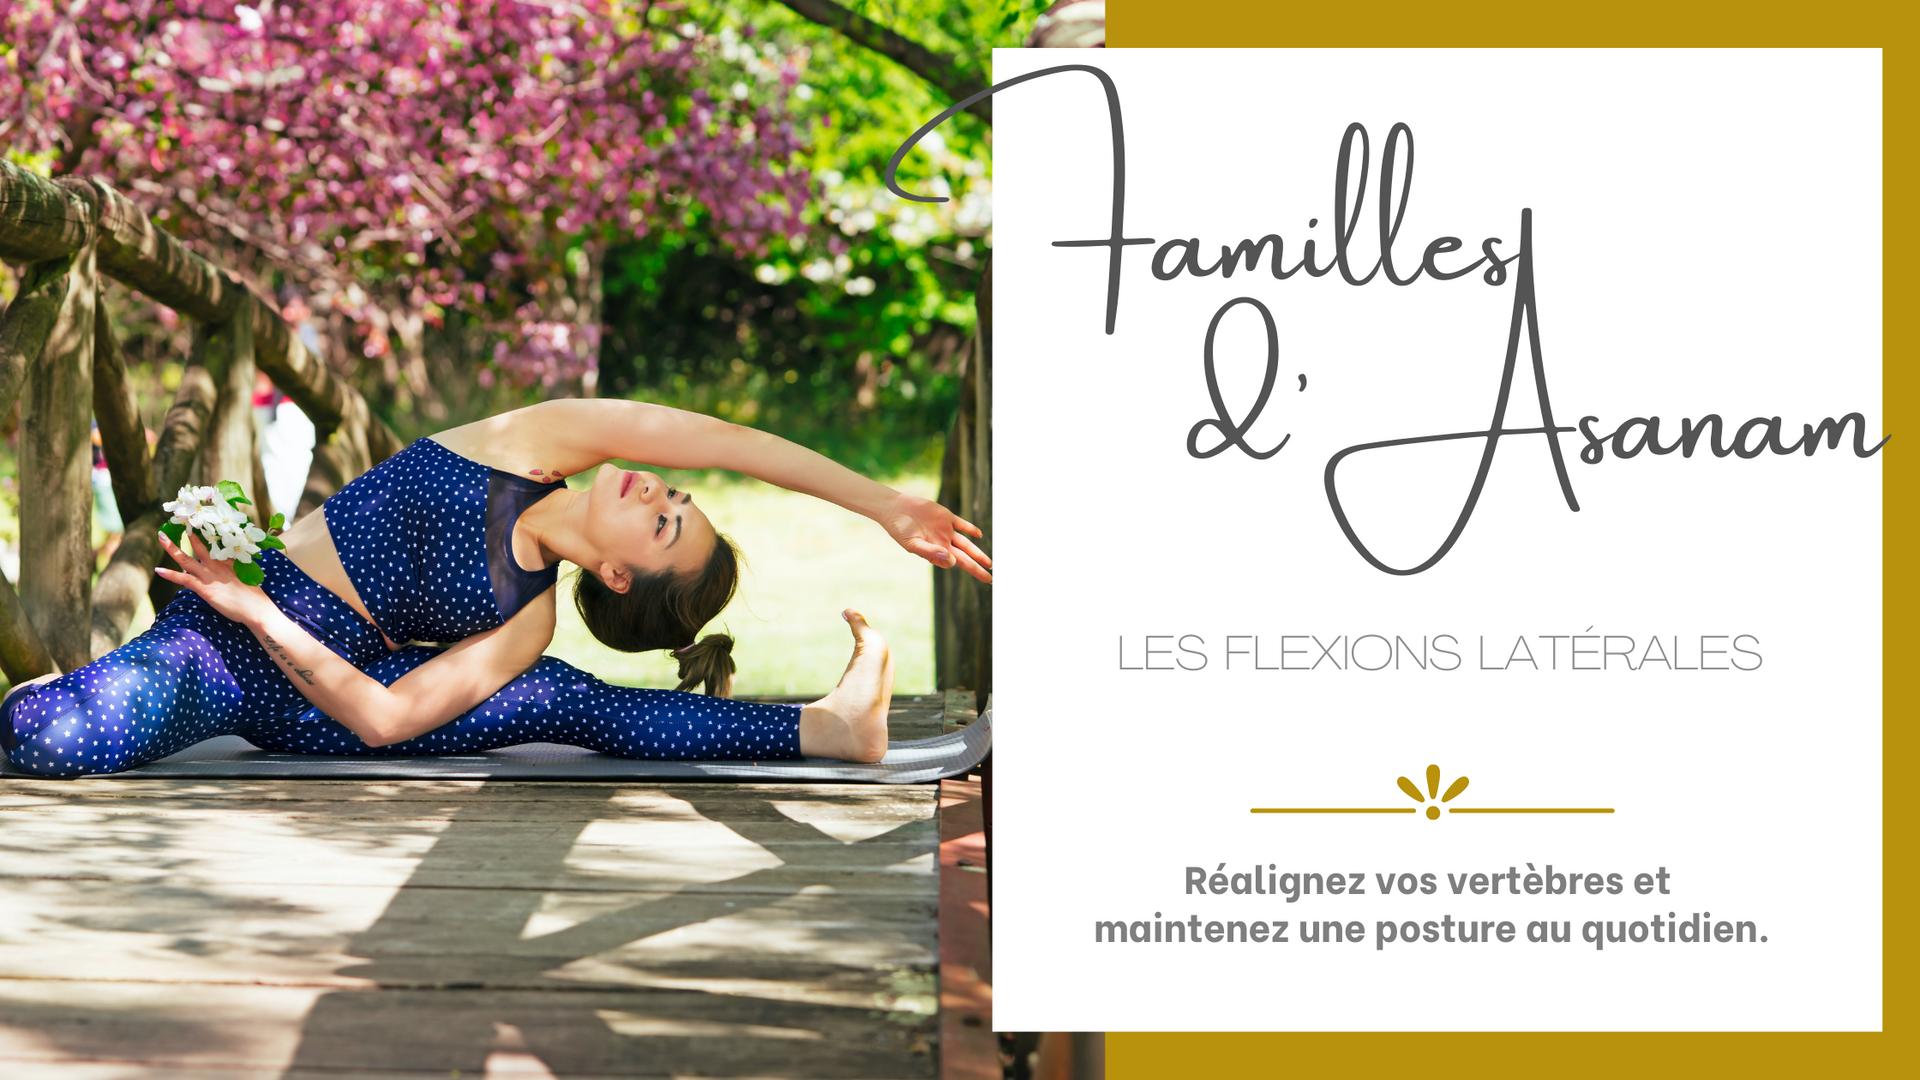 FAMILLE D'ASANAM : LES FLEXIONS LATÉRALES